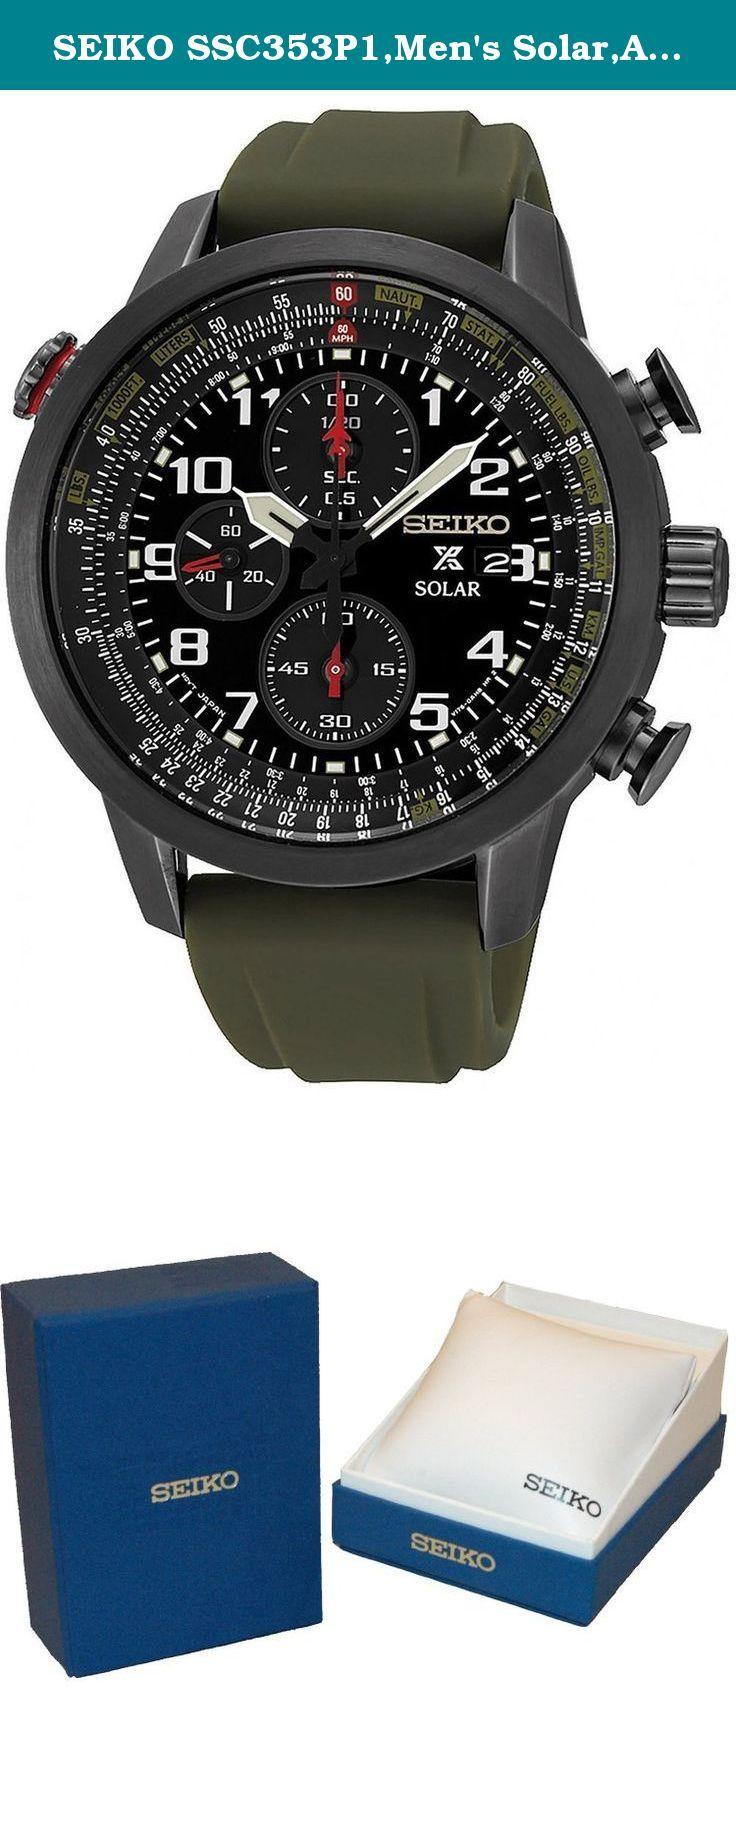 Seiko Ssc353p1 Men S Solar Alarm Chronograph Military Style